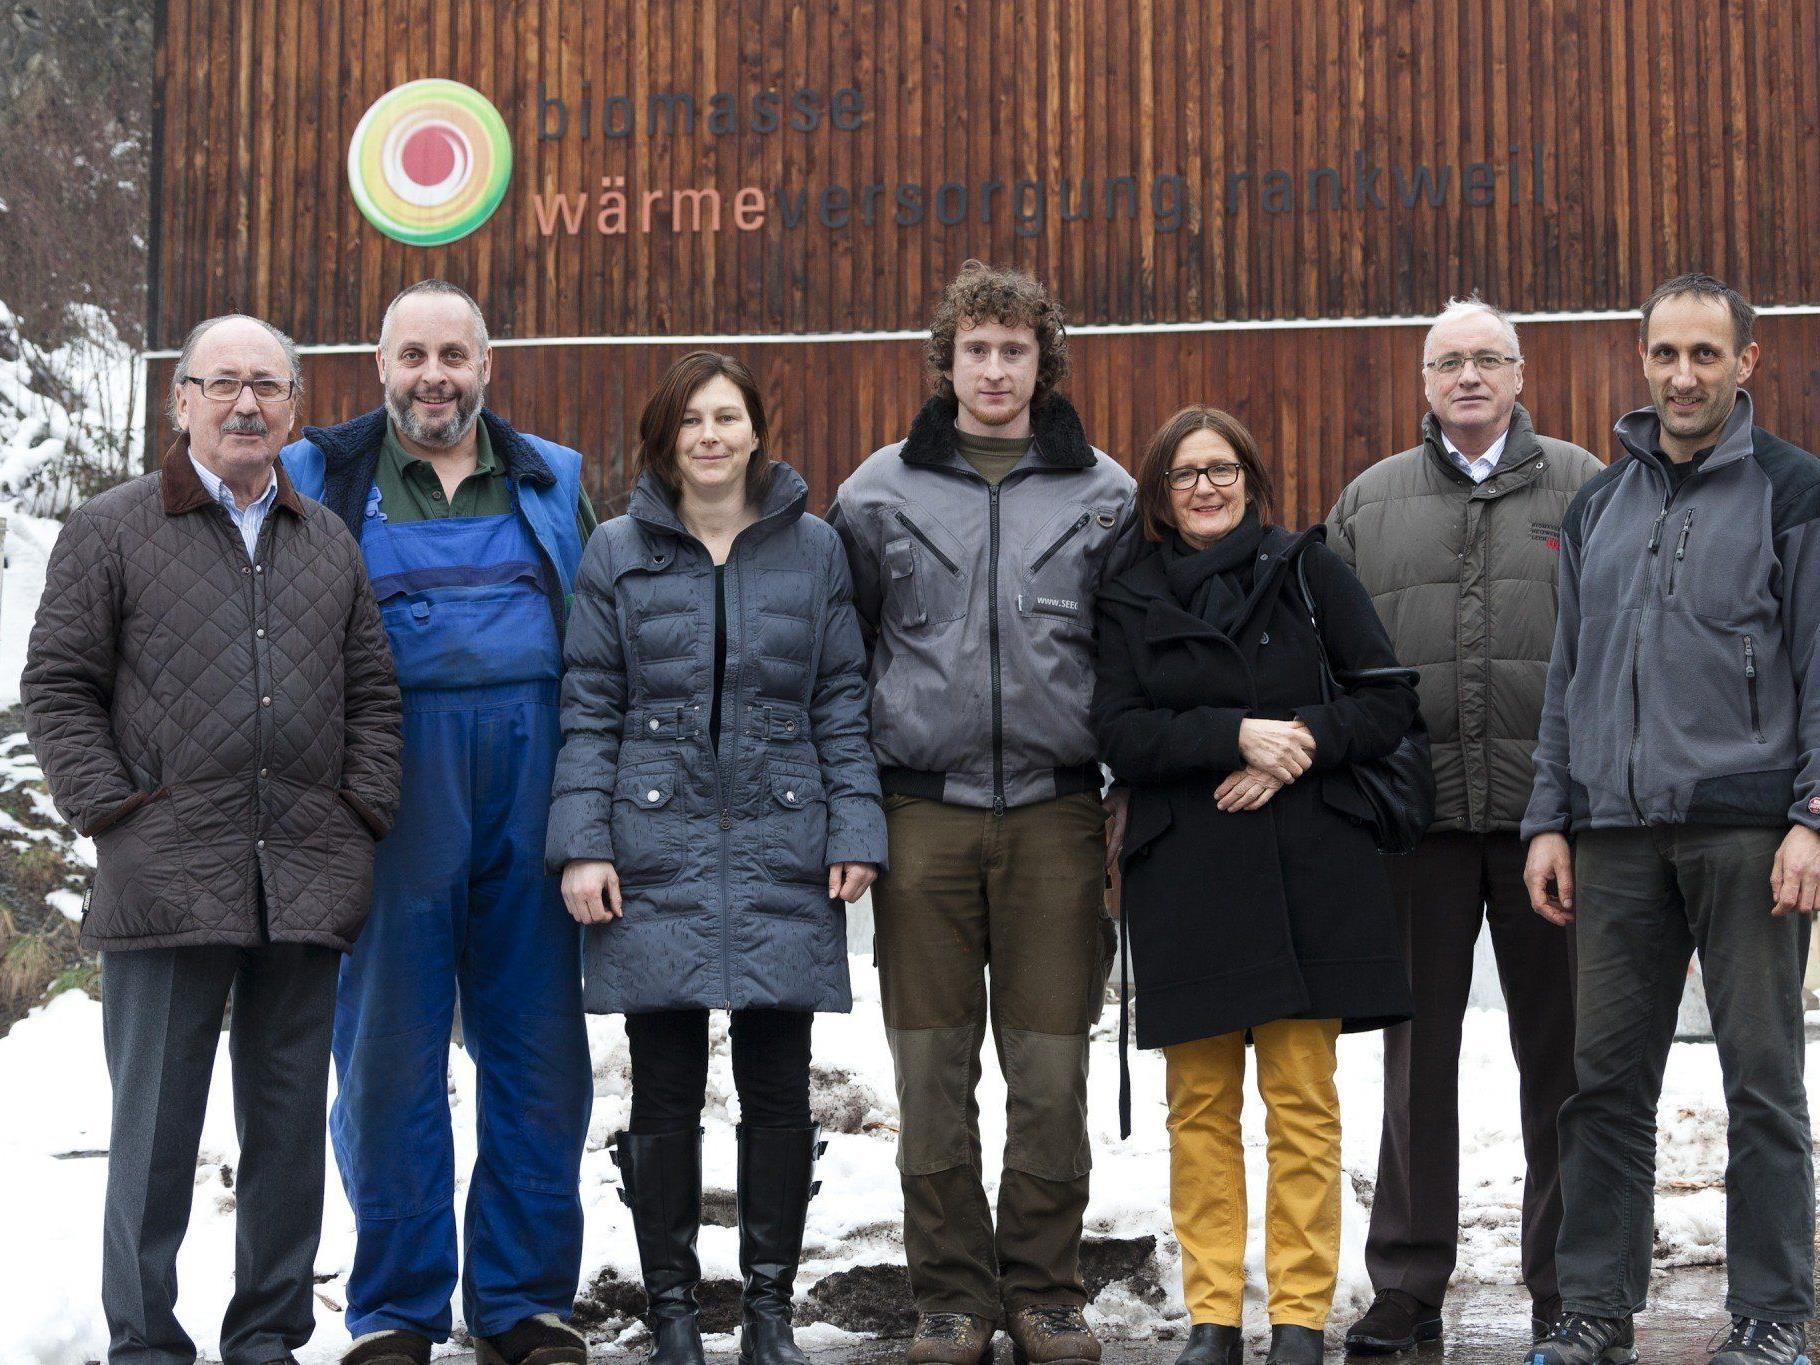 Partnersuche agrar Agraranzeiger - landwirtschaftliche Kleinanzeigen - die Bauernzeitung